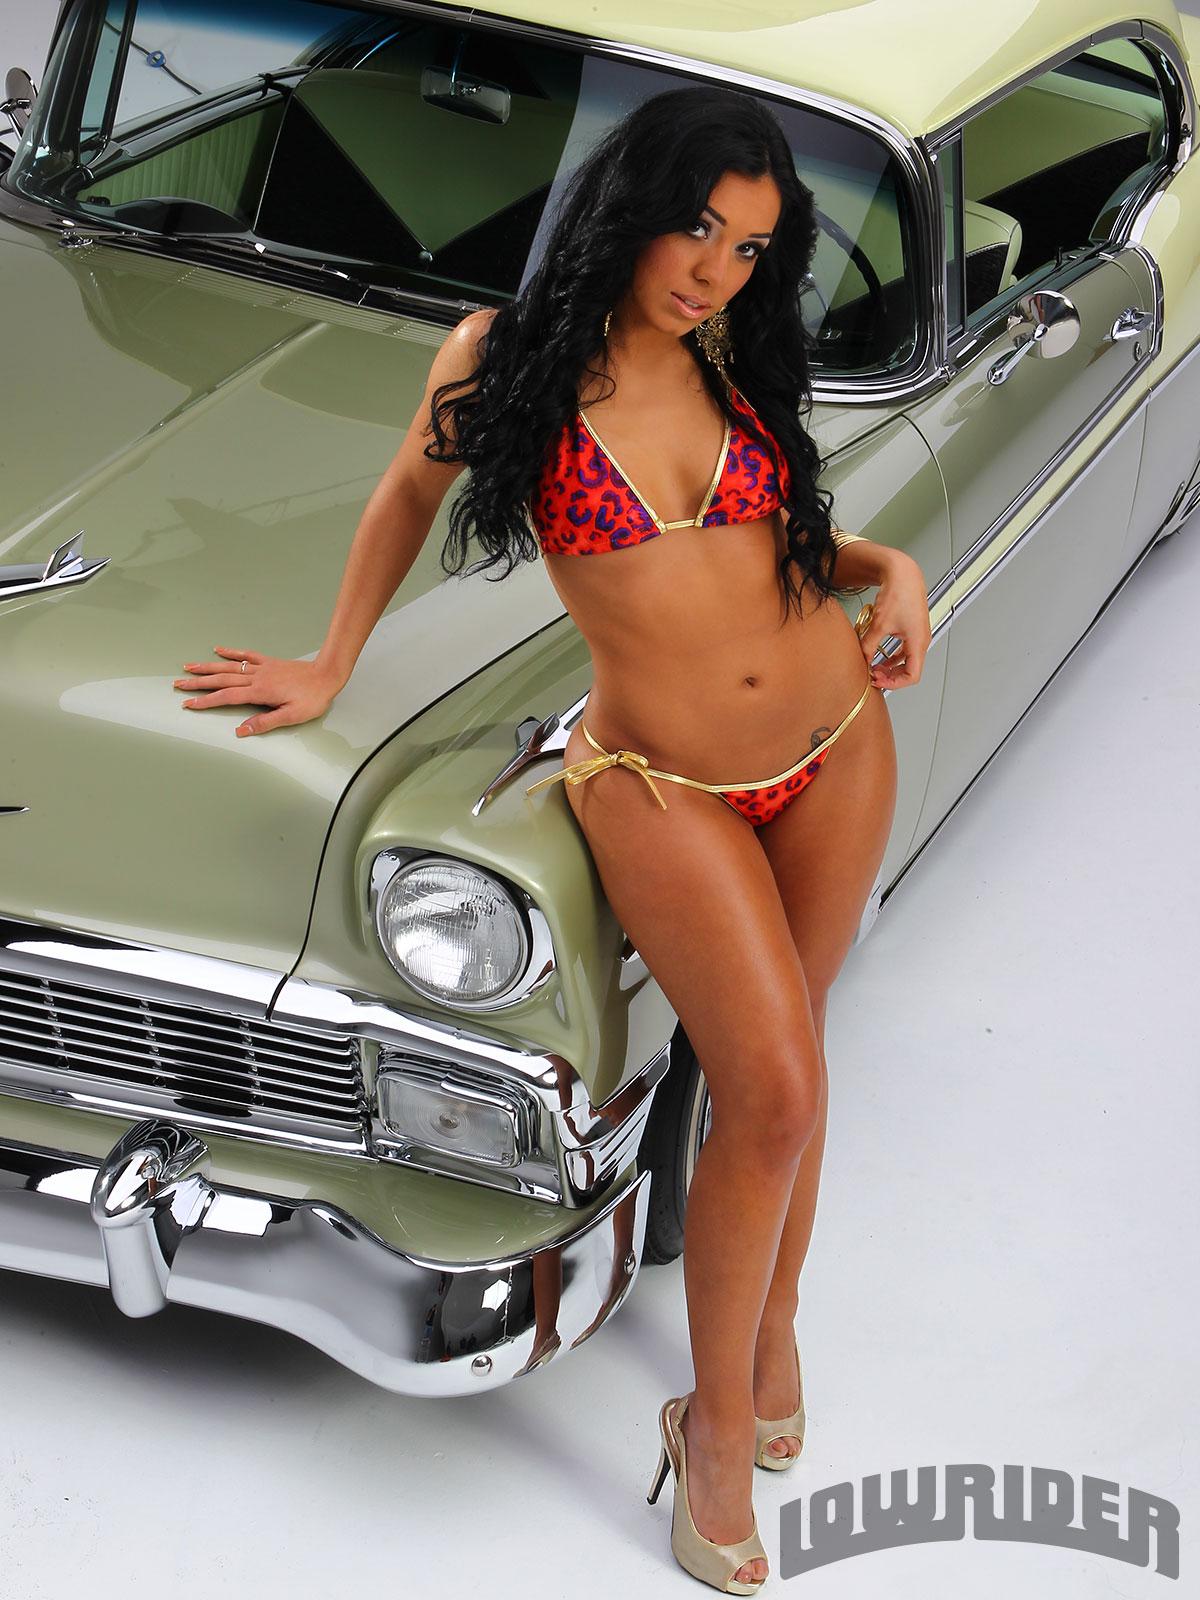 Lowrider Girl Cynthia Sin Rodriguez on 2019 Chevy Silverado